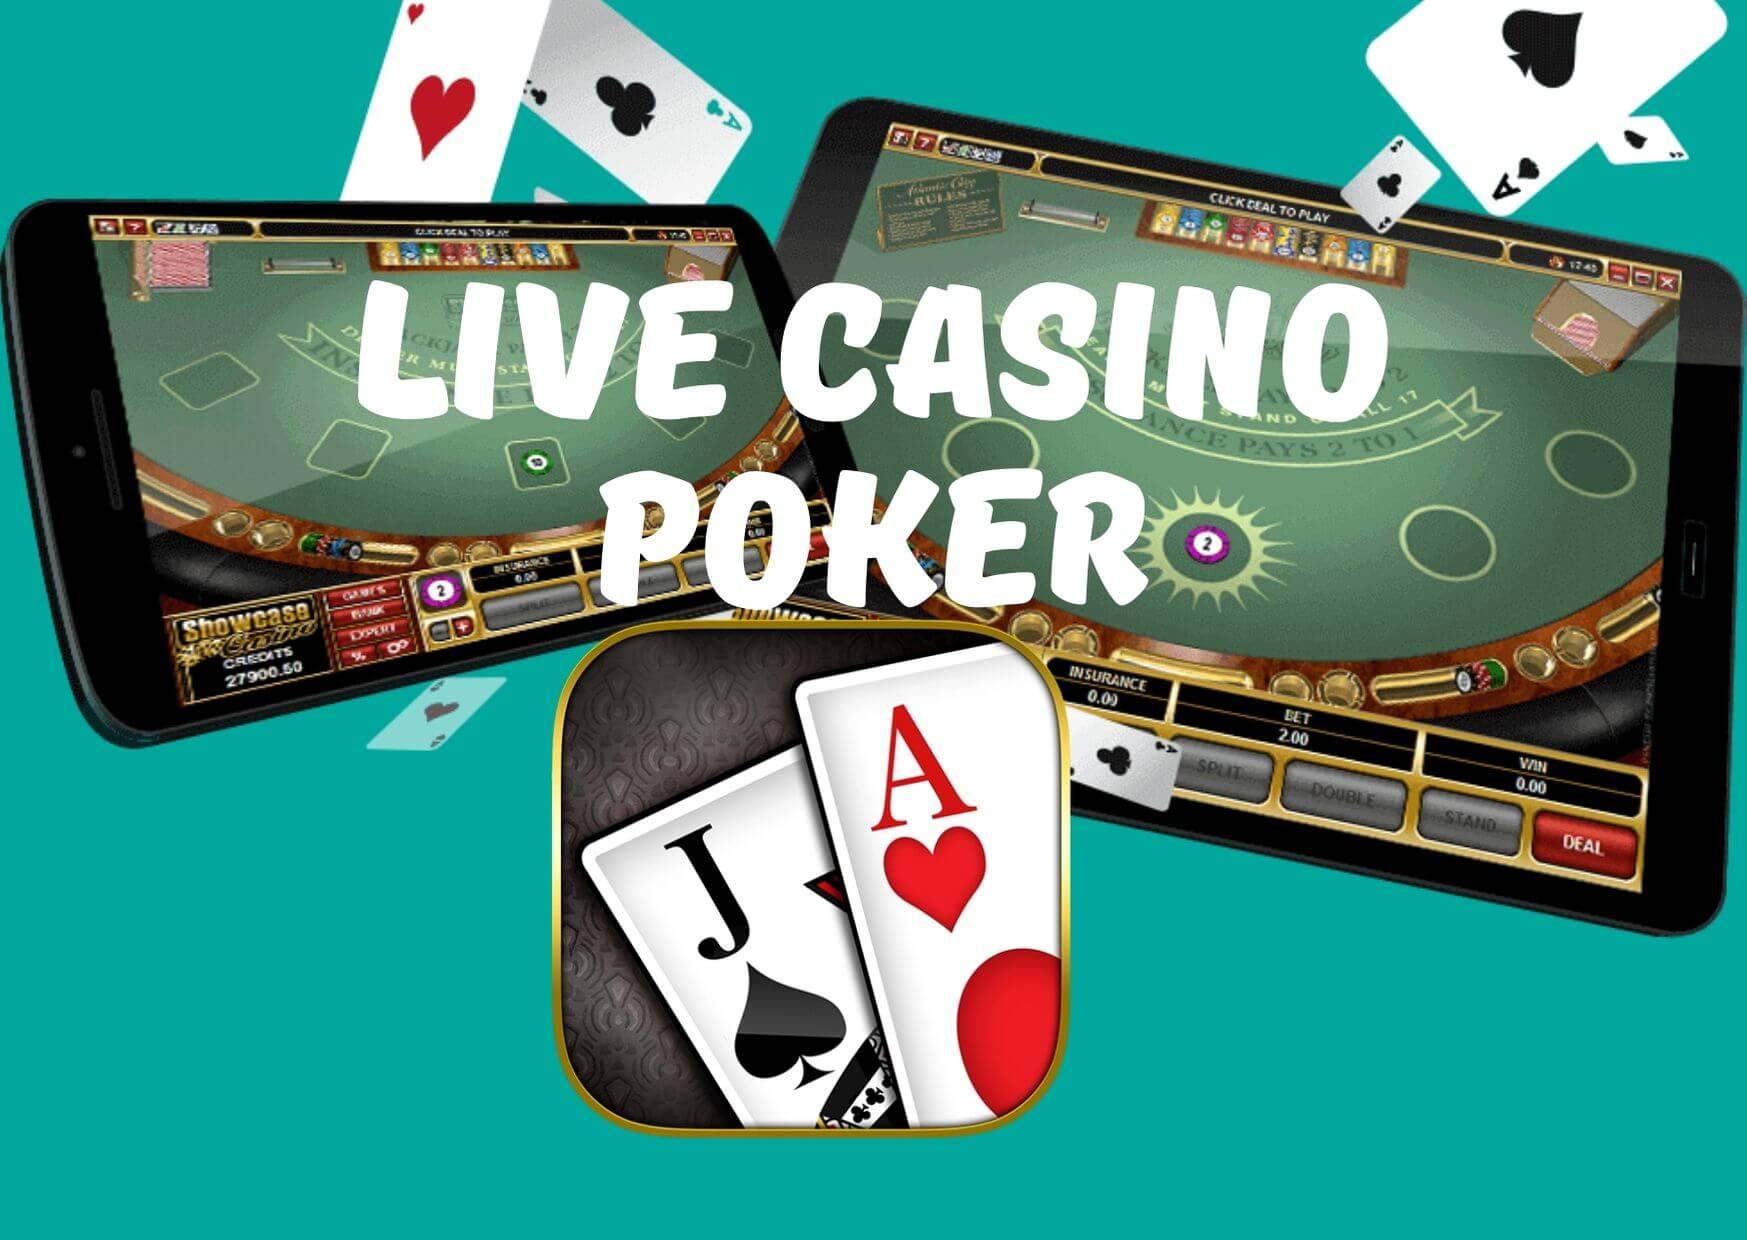 live casino poker